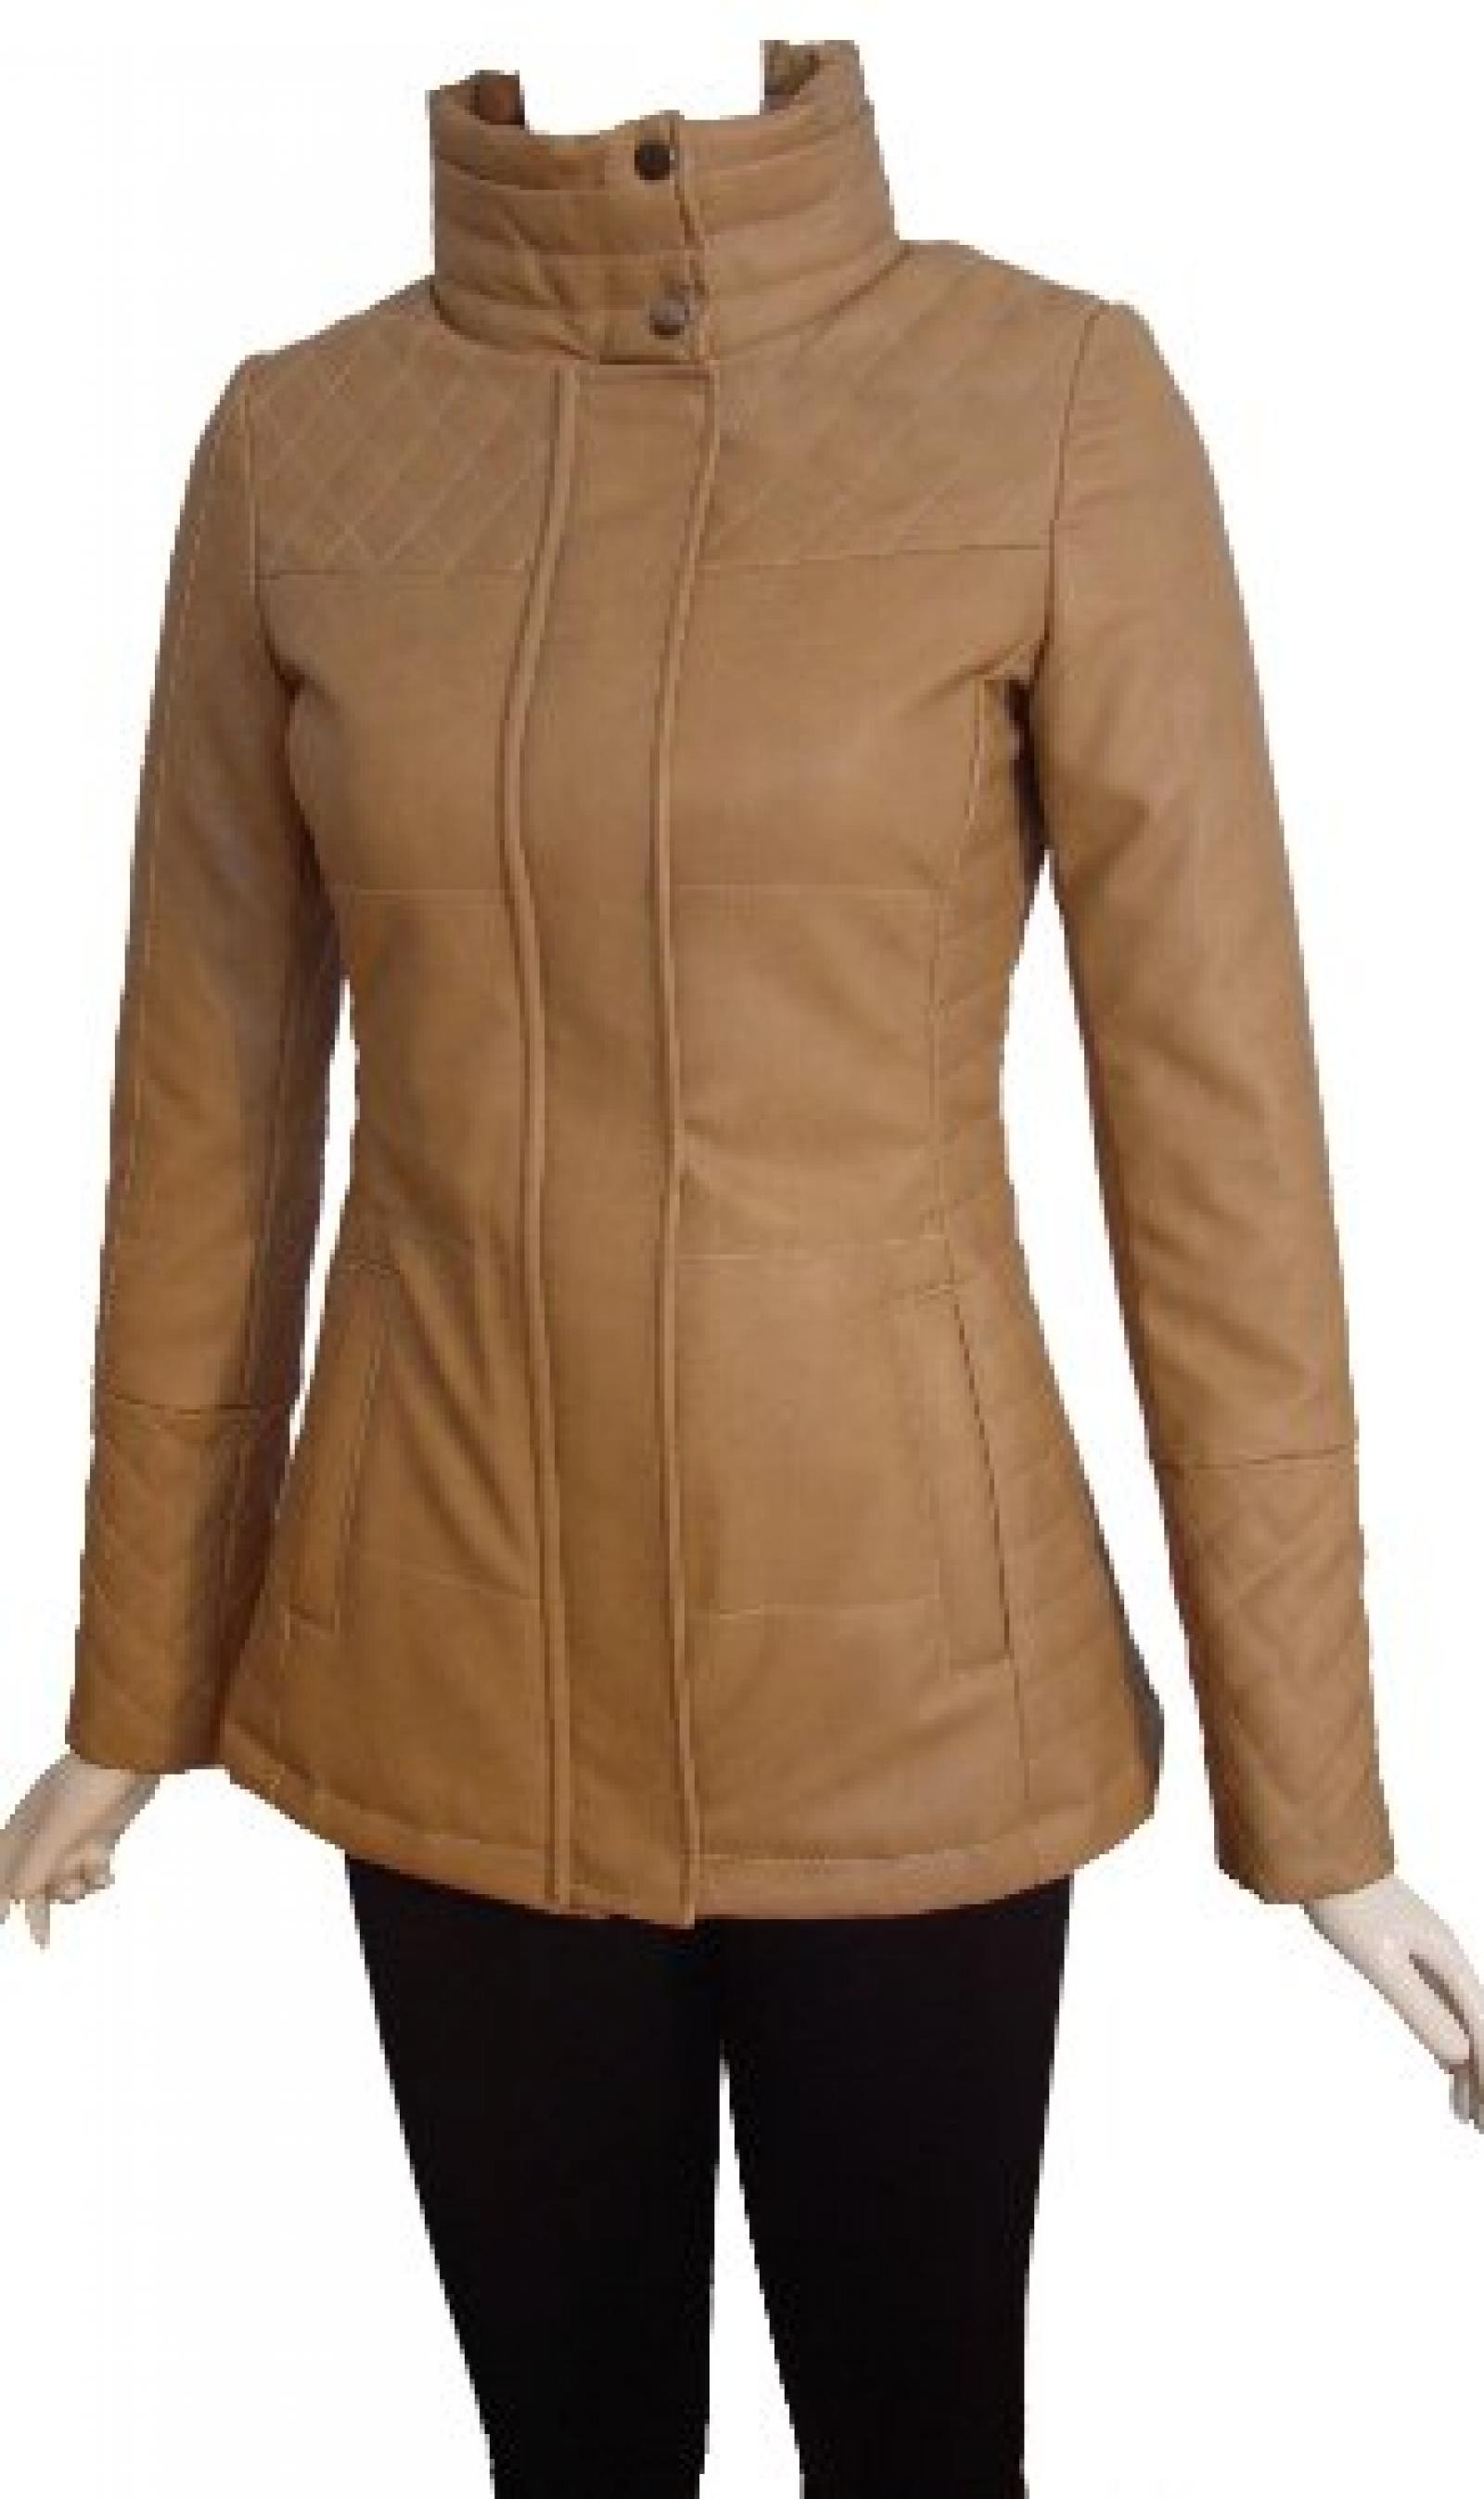 Nettailor Women PLUS SIZE 4204 Leather Casual Jacket Placket Zip Front